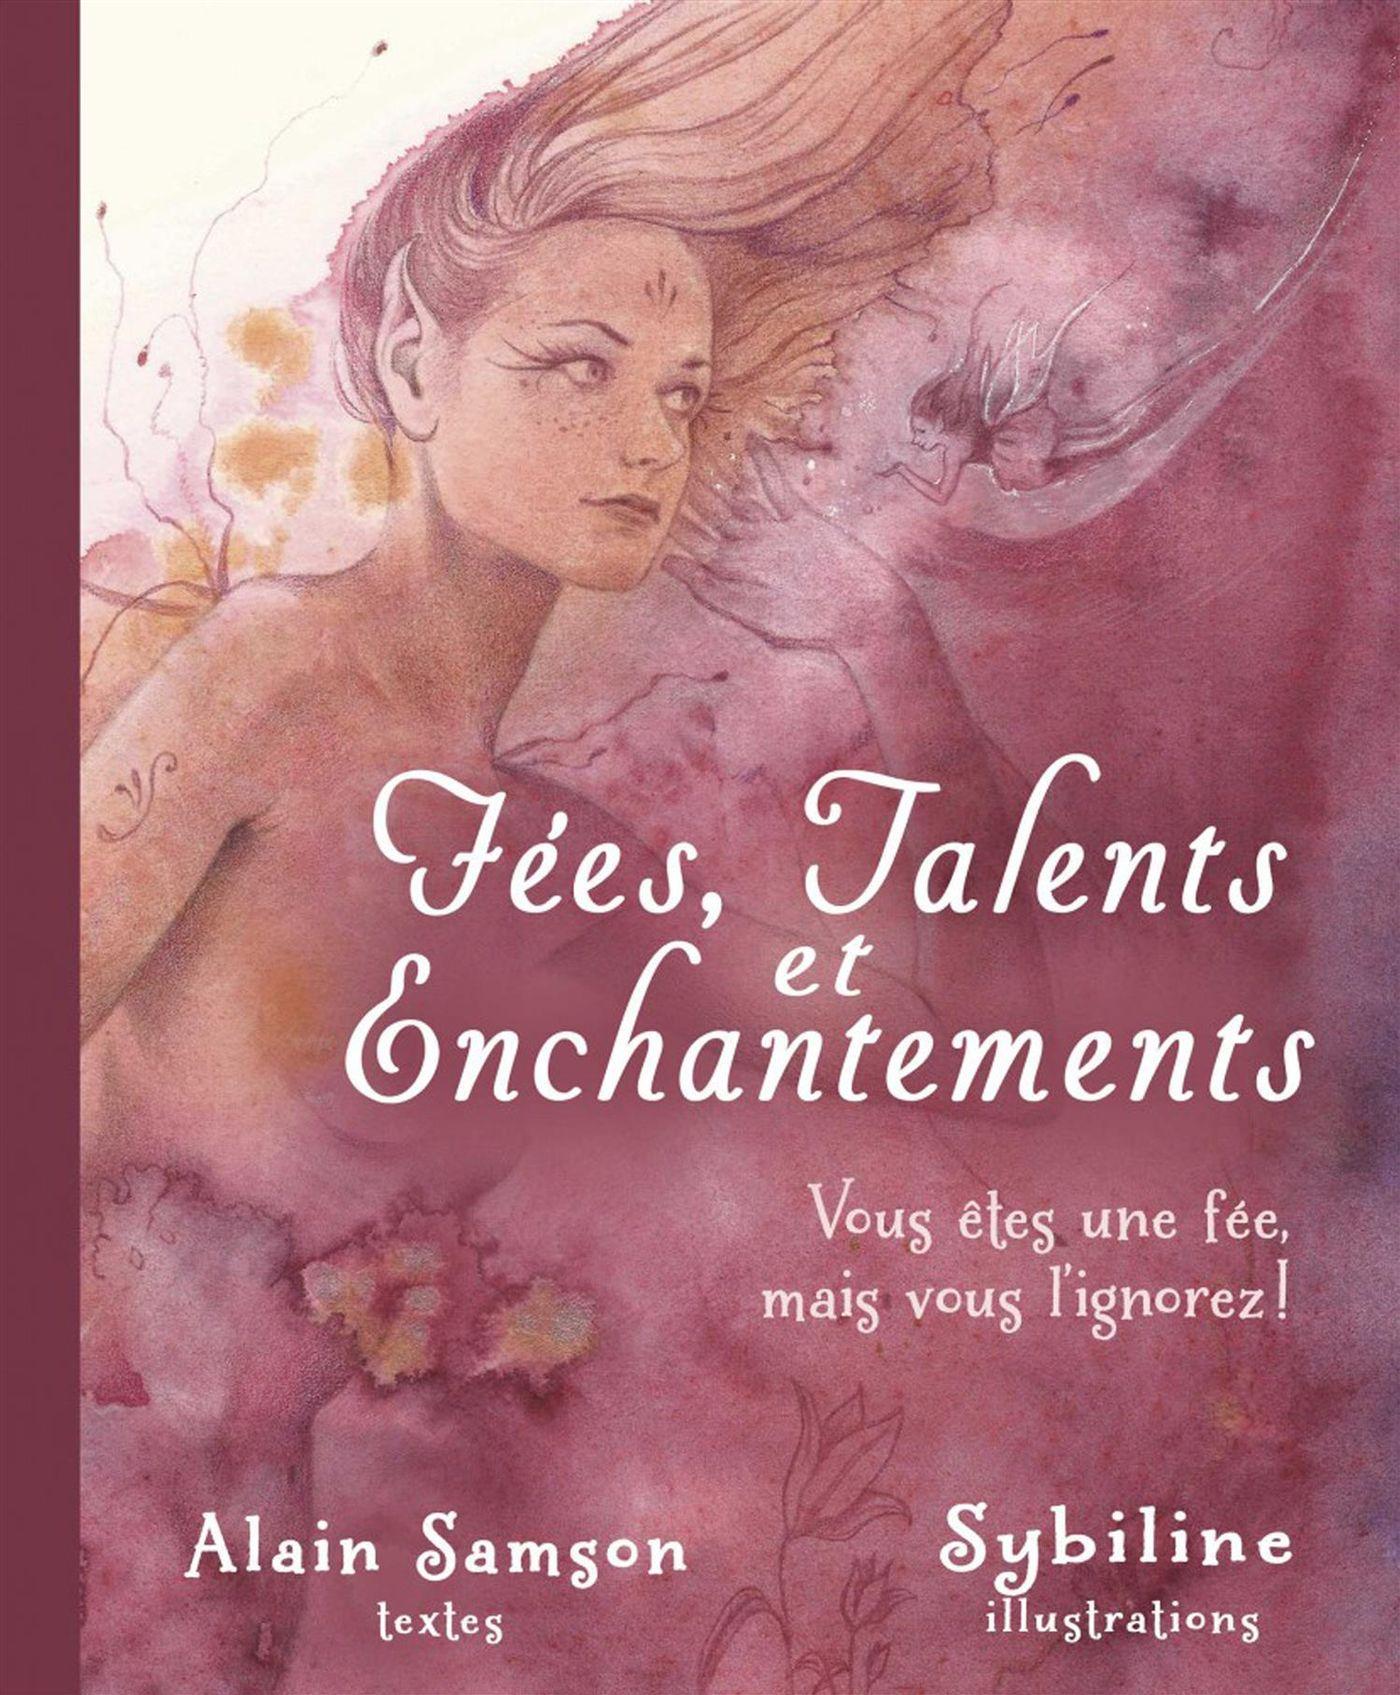 Fées, talents et enchantements : Vous êtes une fée, mais vous l'ignorez !